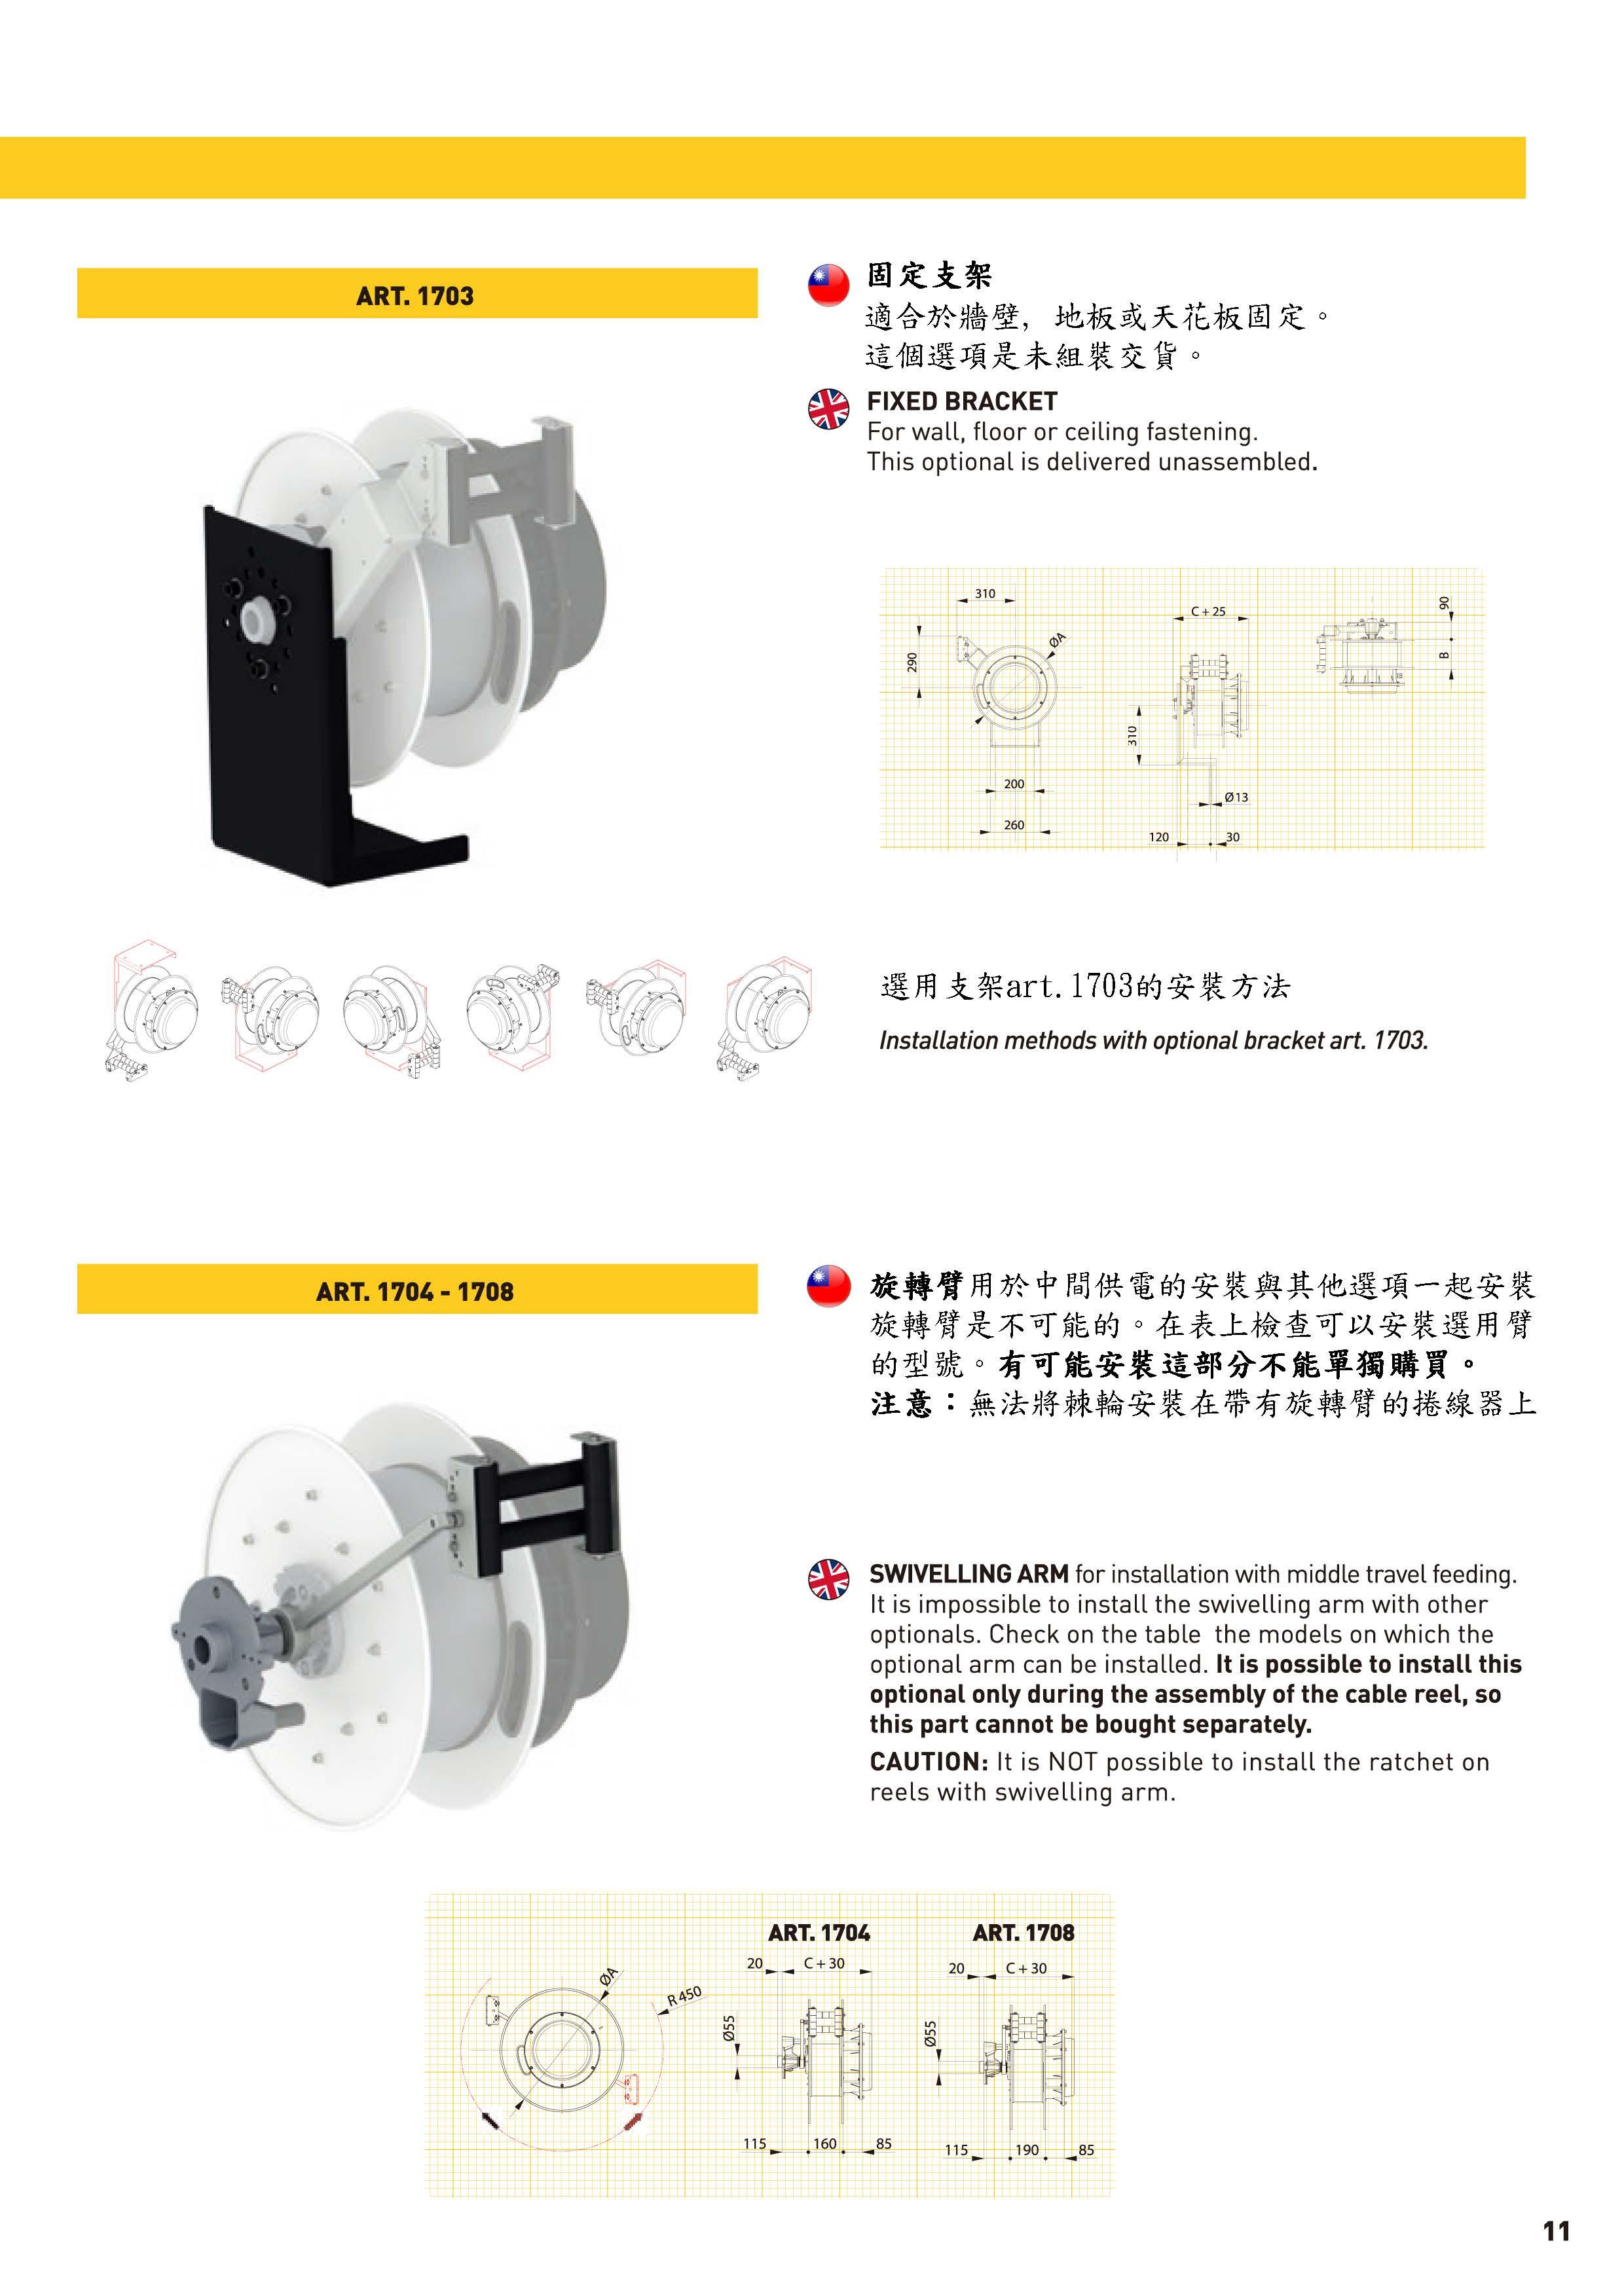 6-9.1700系列規格  1700 Seire specification